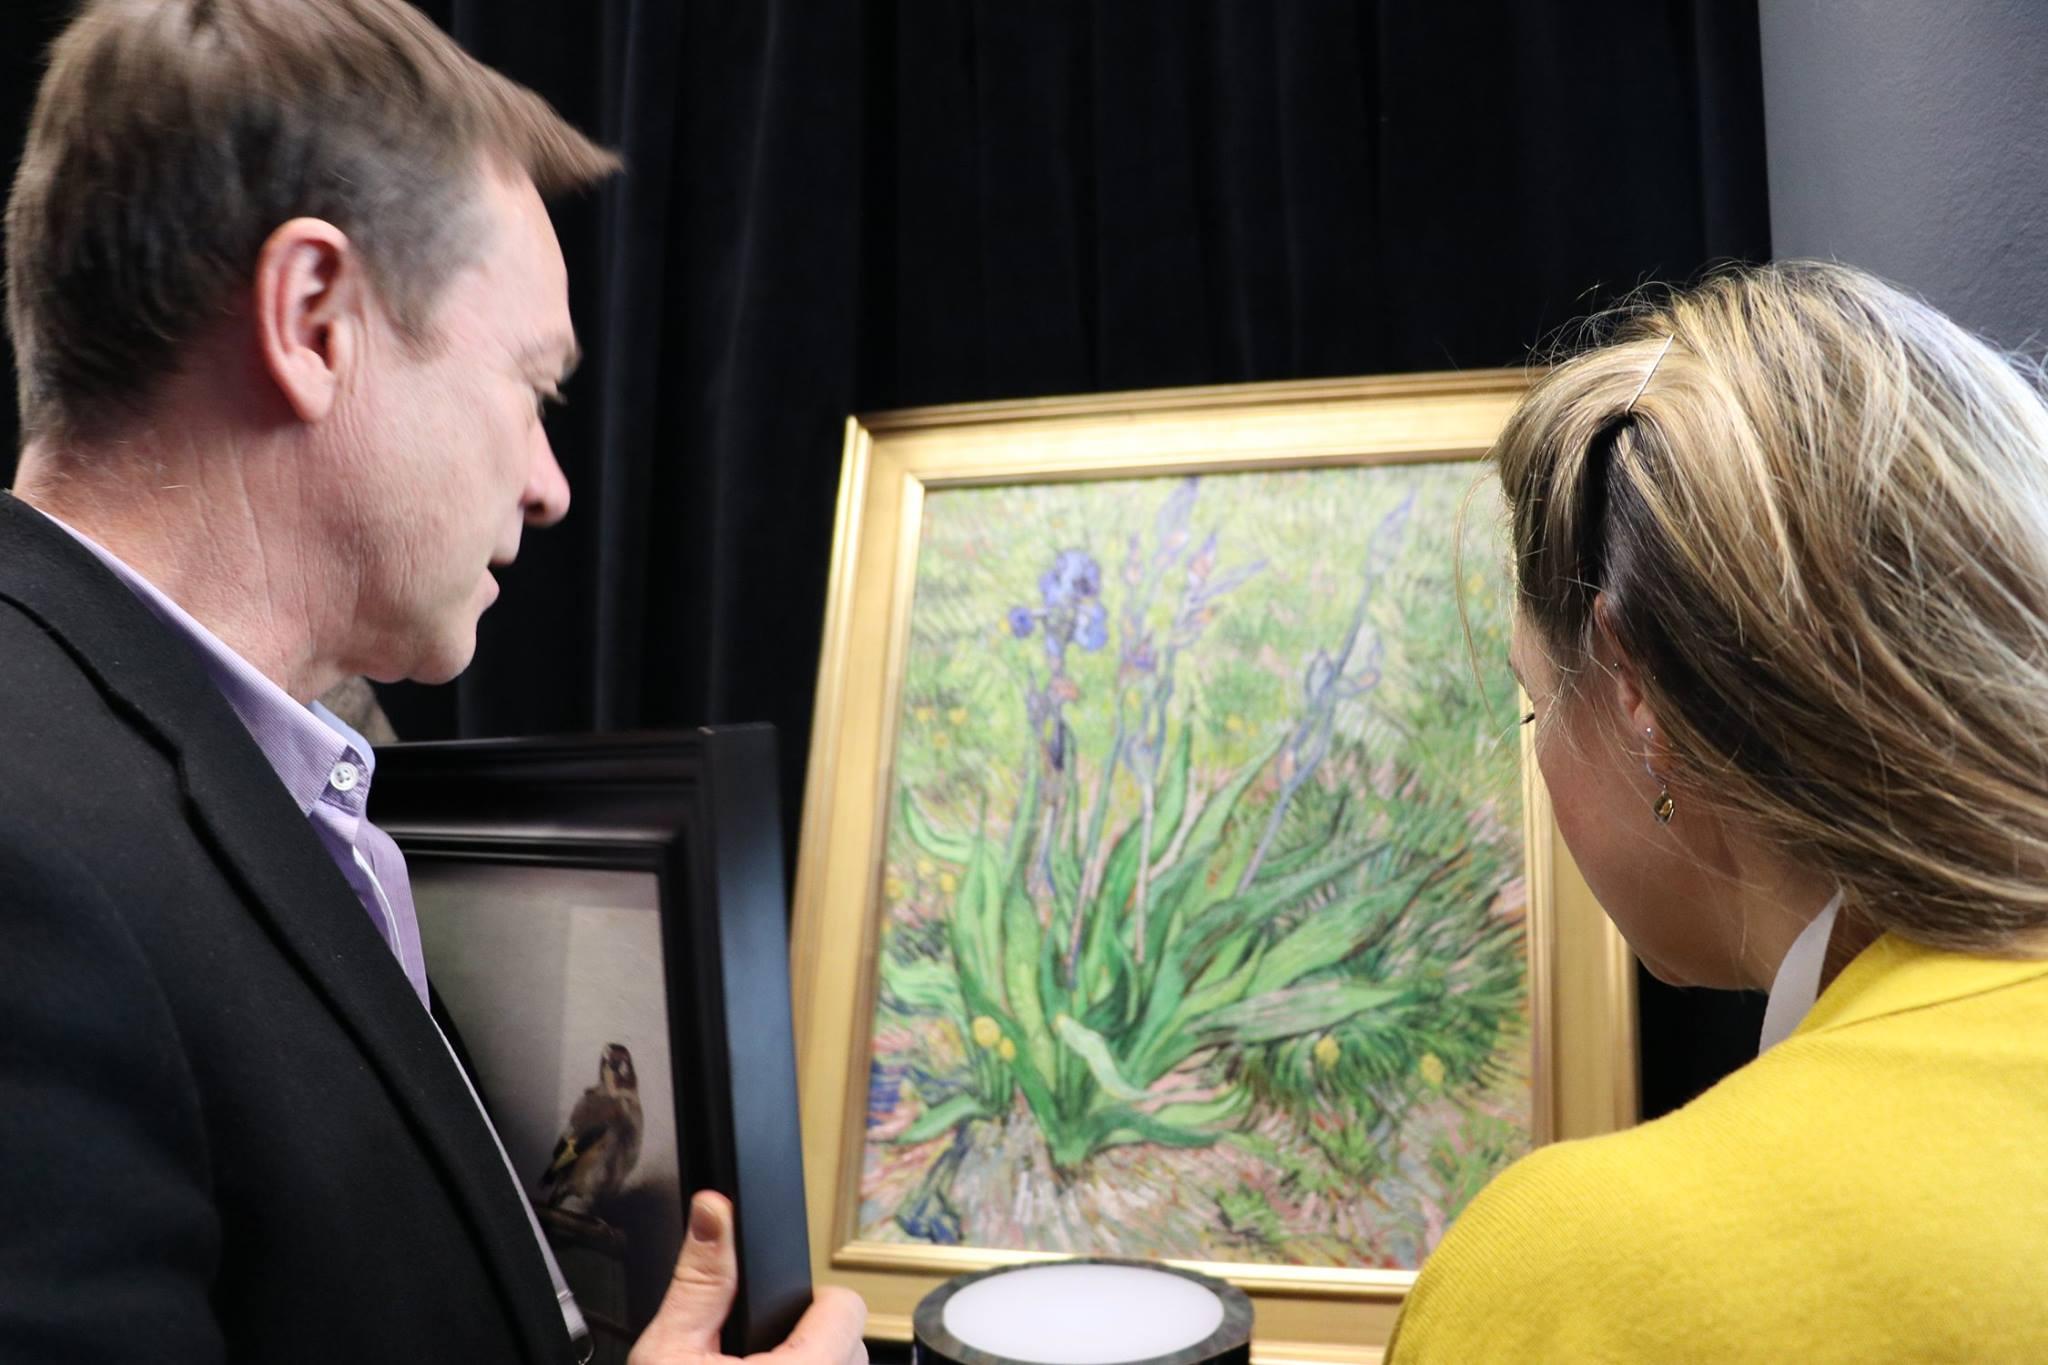 Verus Art Van Gogh 3D reproduction